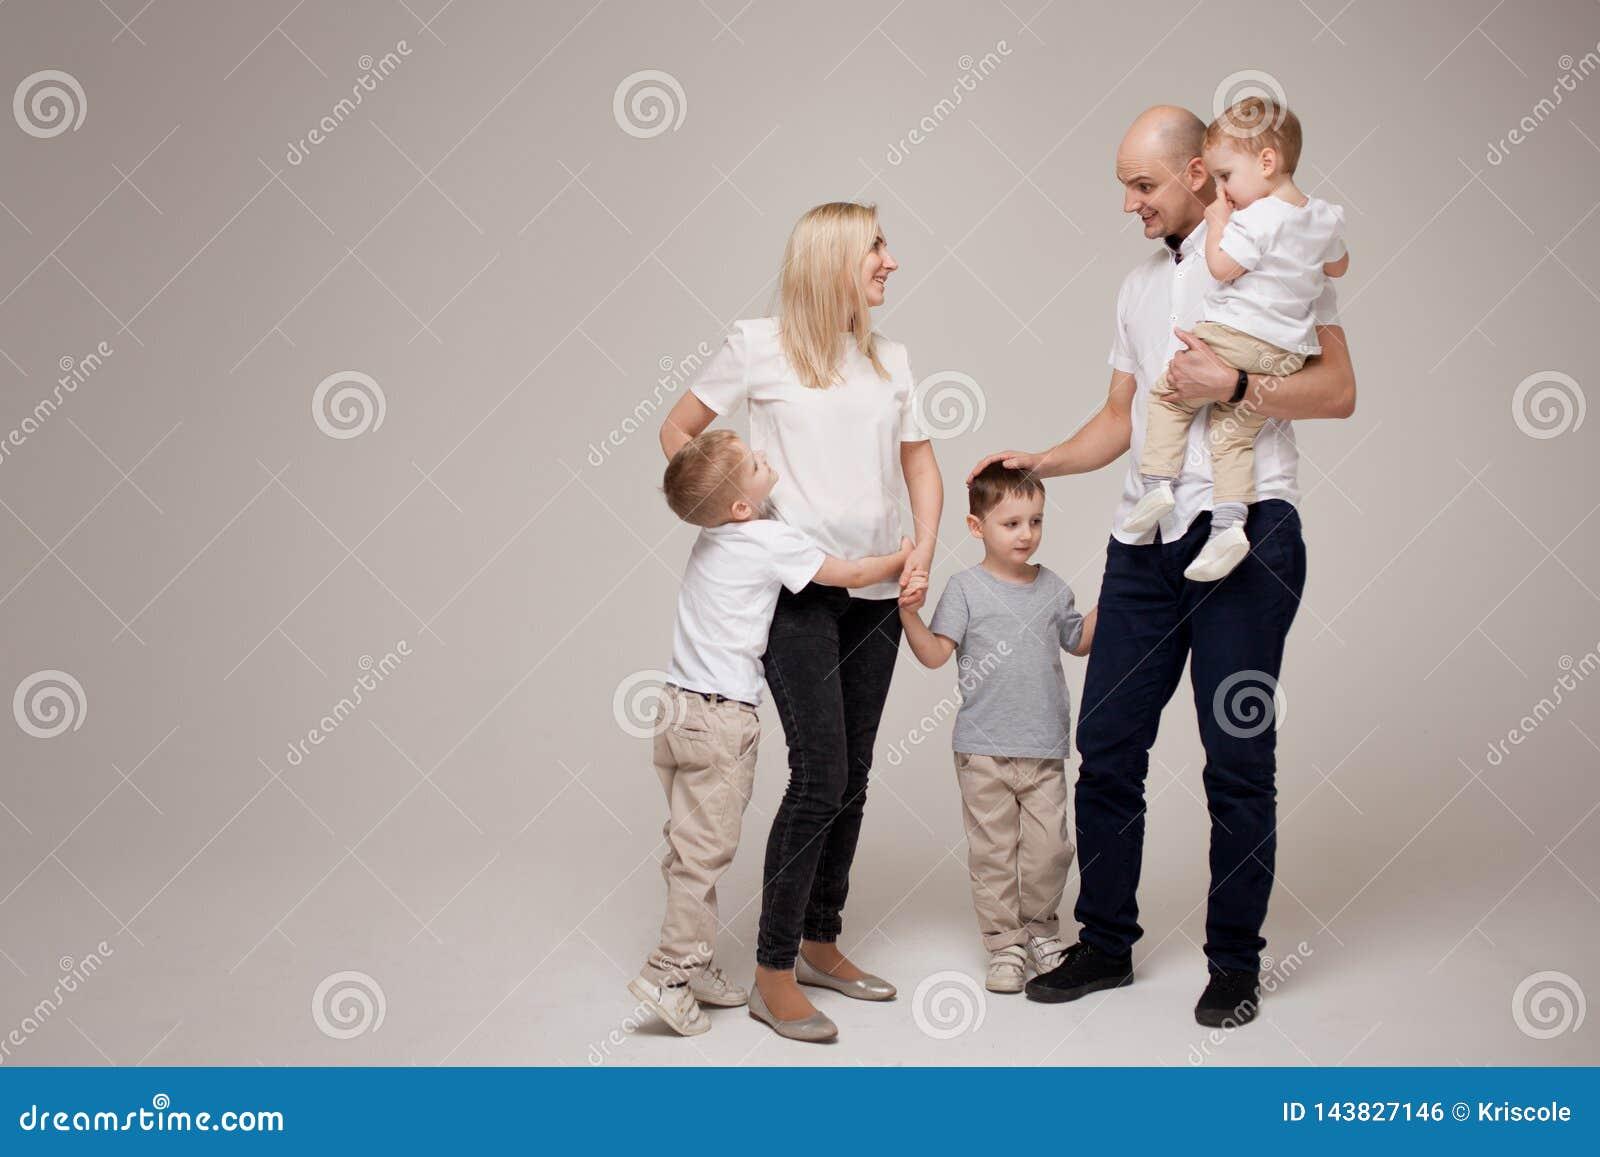 Große und nette Familie, Mutter, Vati und drei Söhne glücklich zusammen